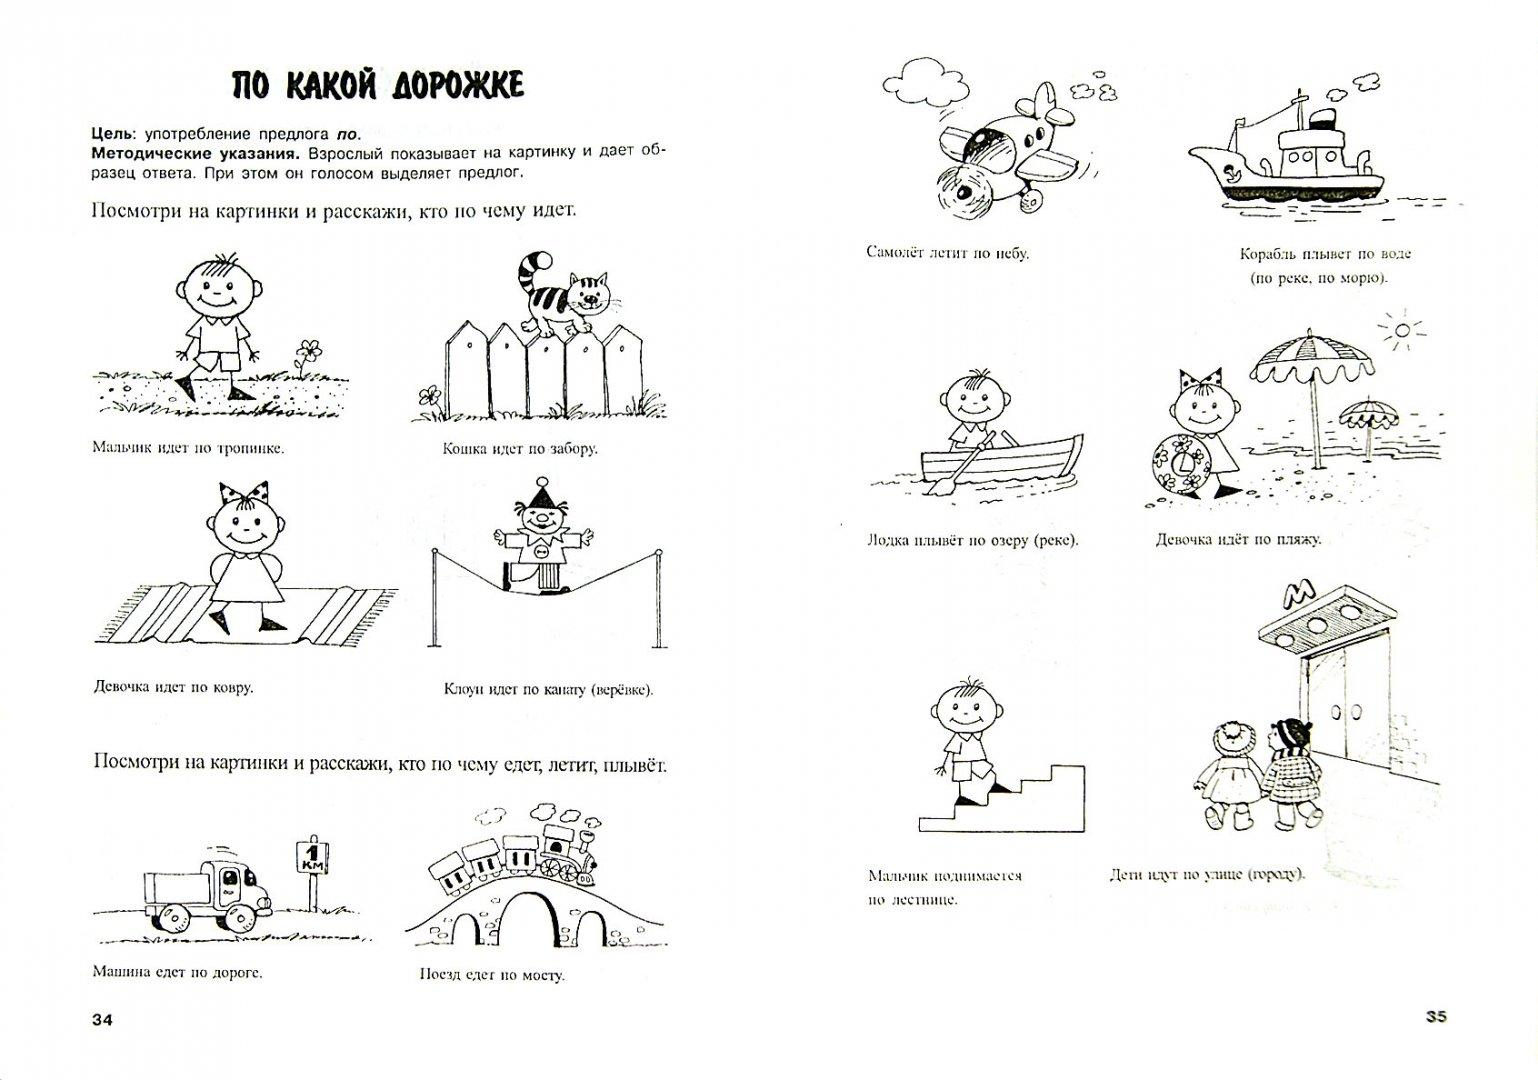 Иллюстрация 1 из 33 для Логопедическая грамматика для малышей. Пособие для занятий с детьми 2-4 лет - Ольга Новиковская | Лабиринт - книги. Источник: Лабиринт